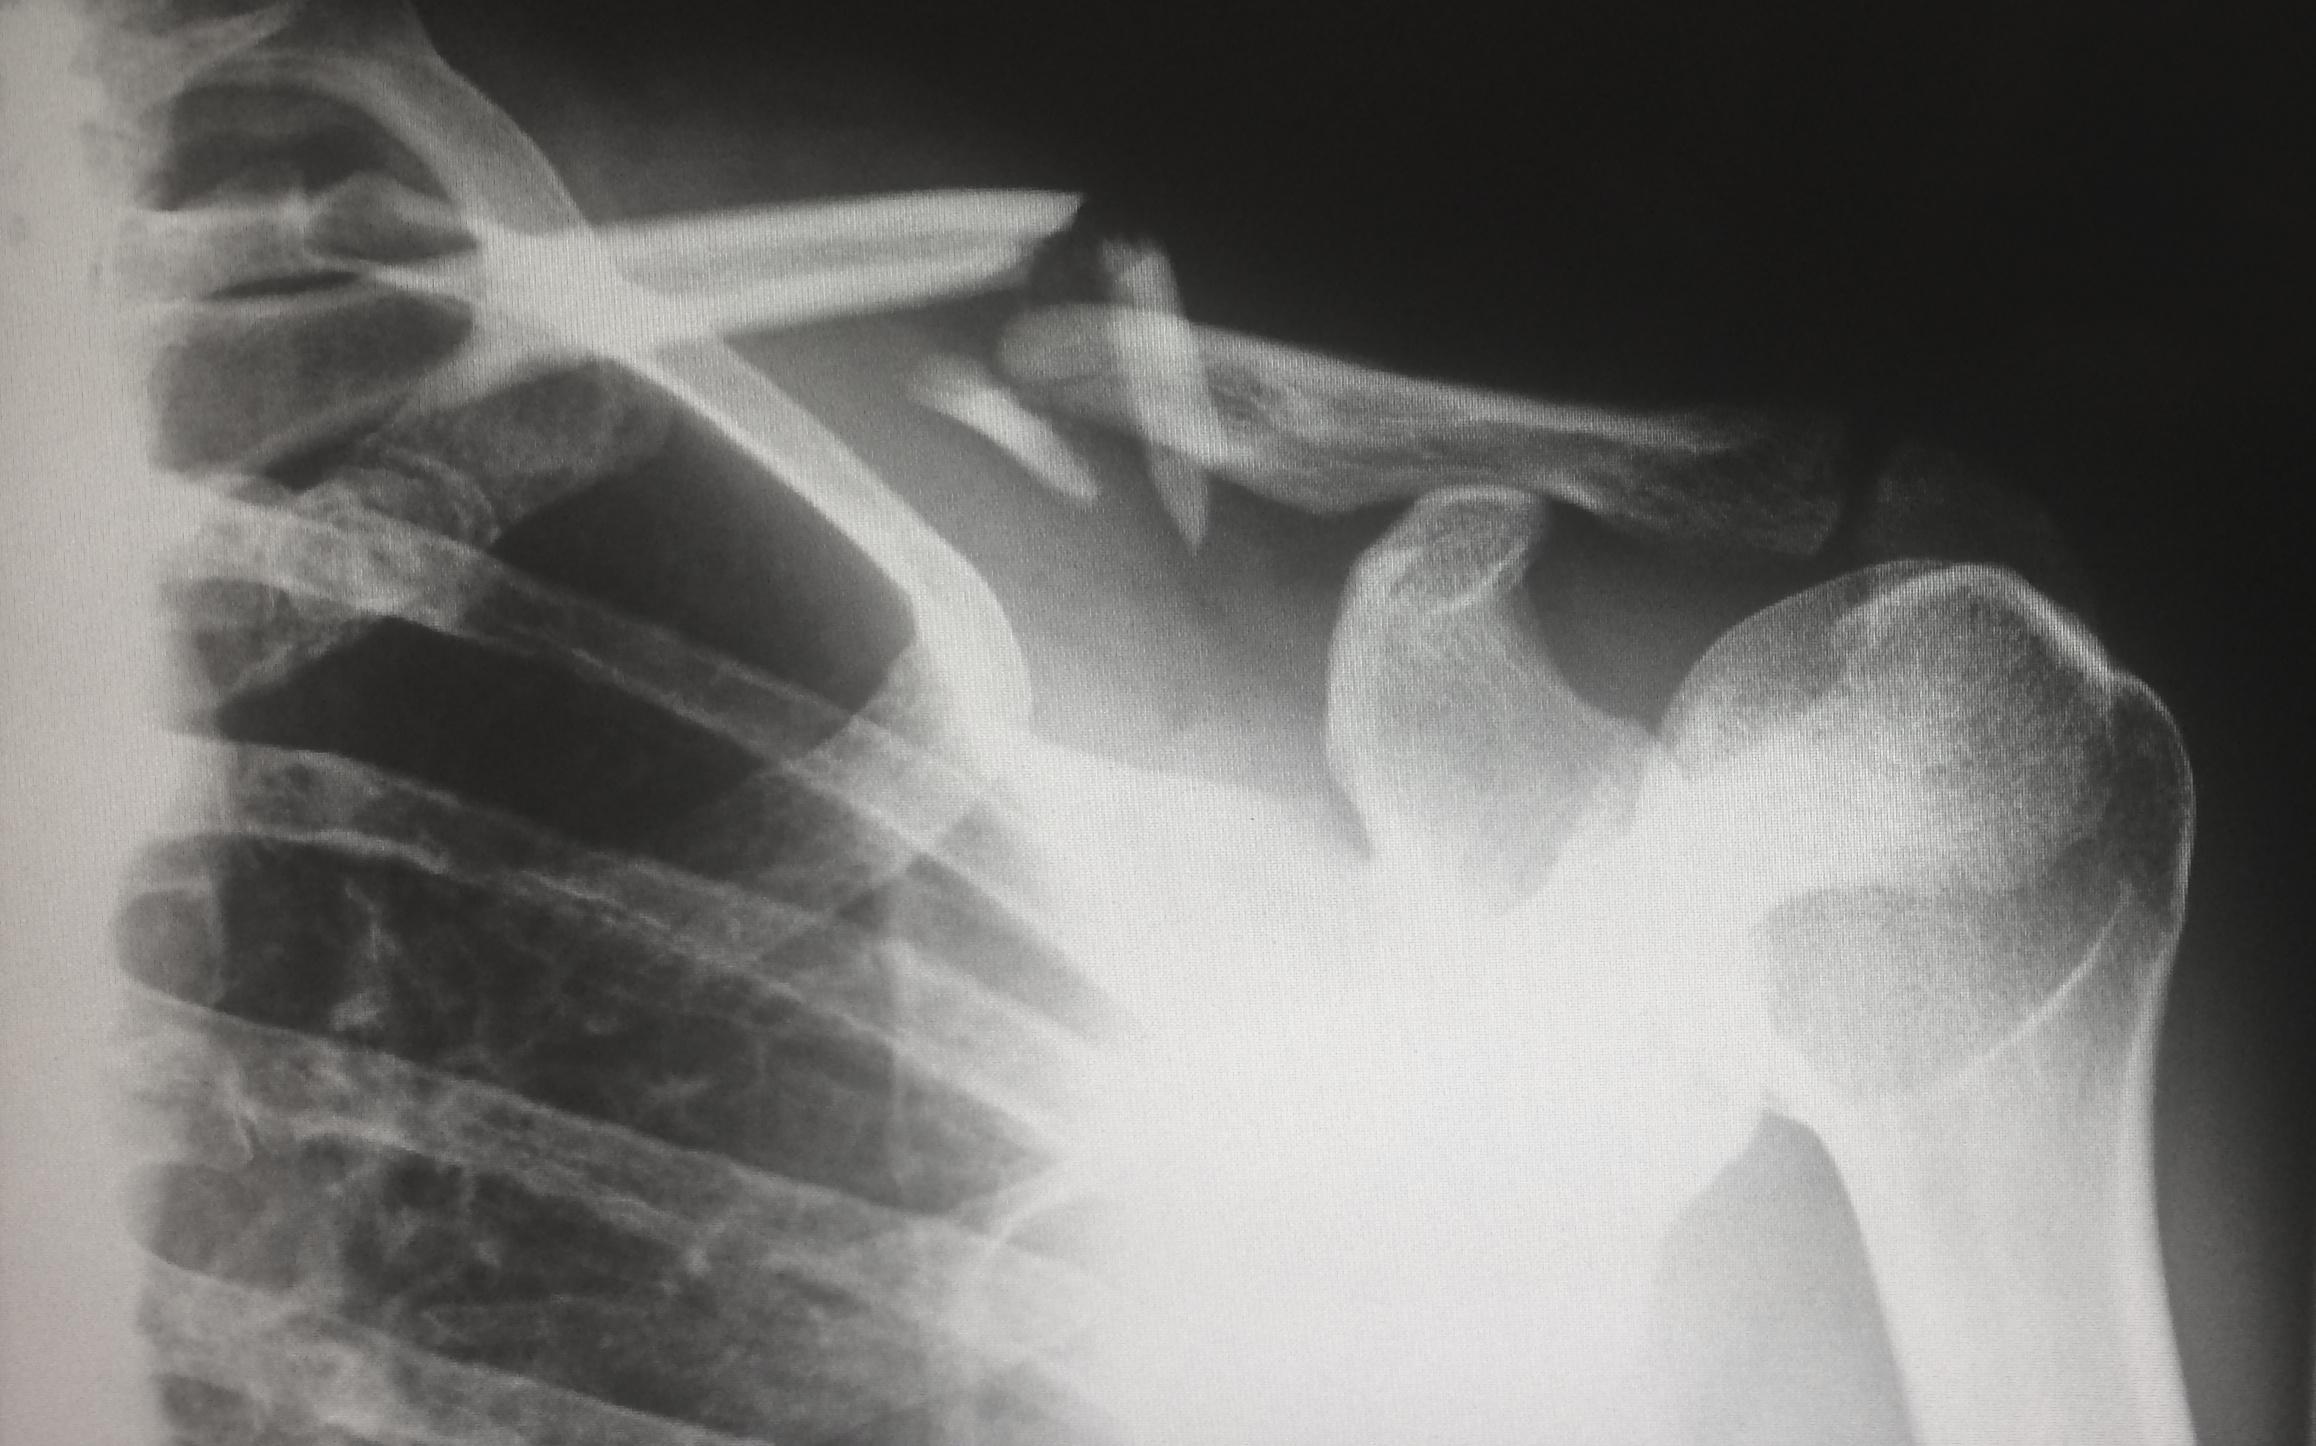 Rheumatoid arthritis - let us help